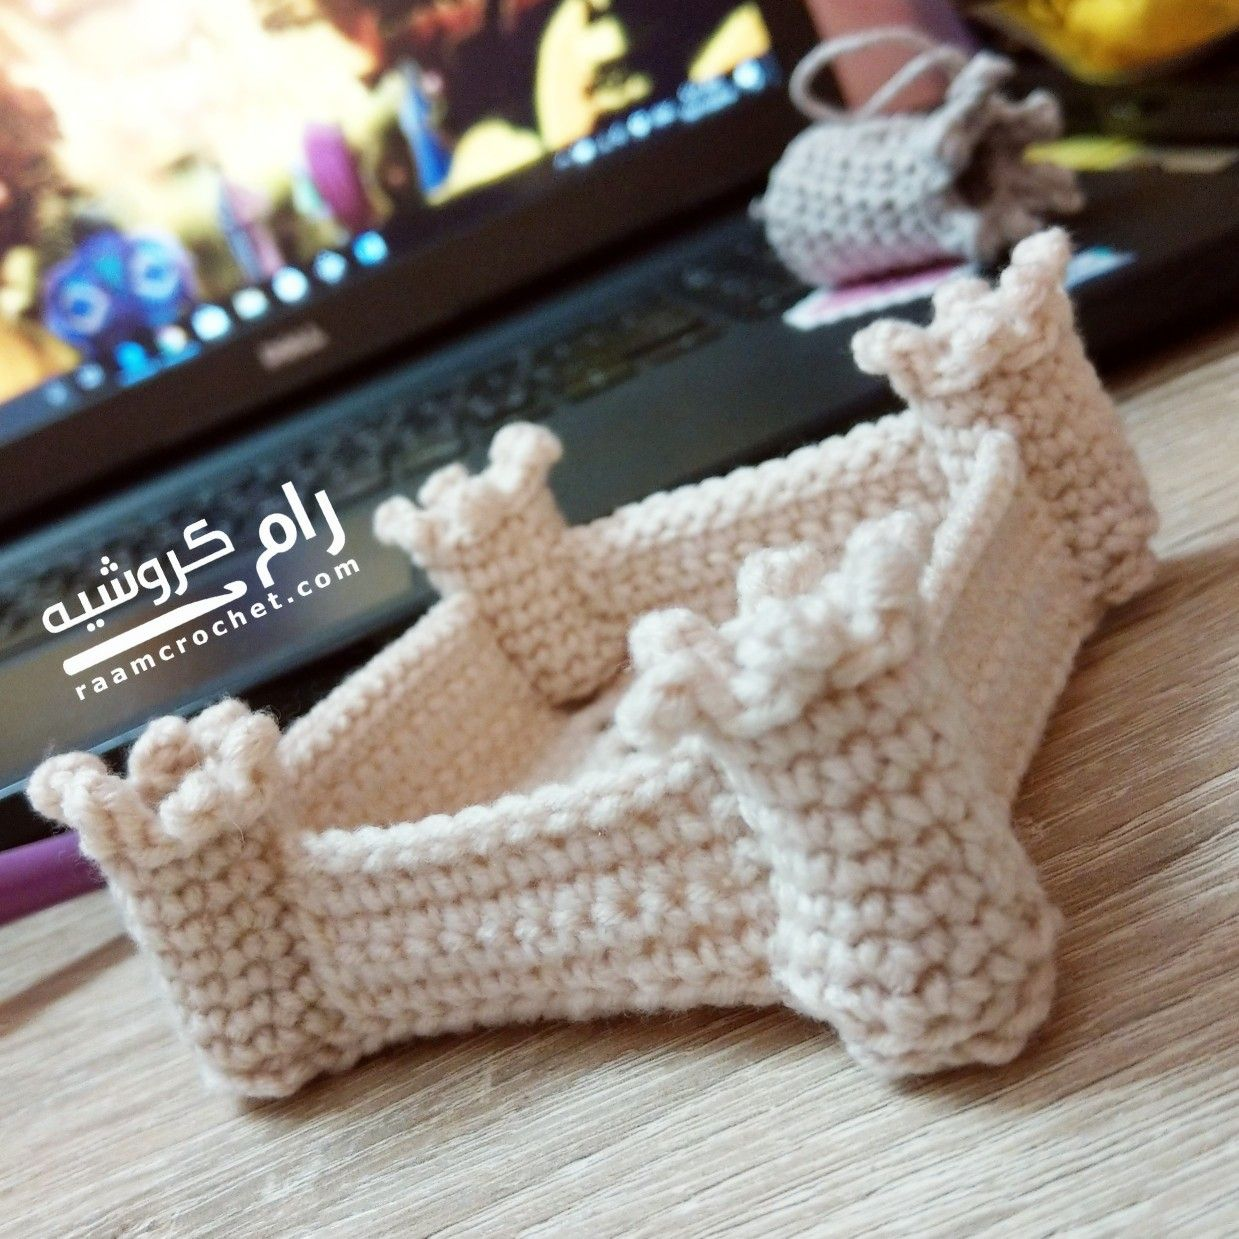 الباترون يحاكي قصر المصمك التاريخي في مدينة الرياض في المملكة العربية السعودية هذا القصر عبارة عن قلعة او حصن وبالفعل شهد Crochet Patterns Arm Warmers Crochet